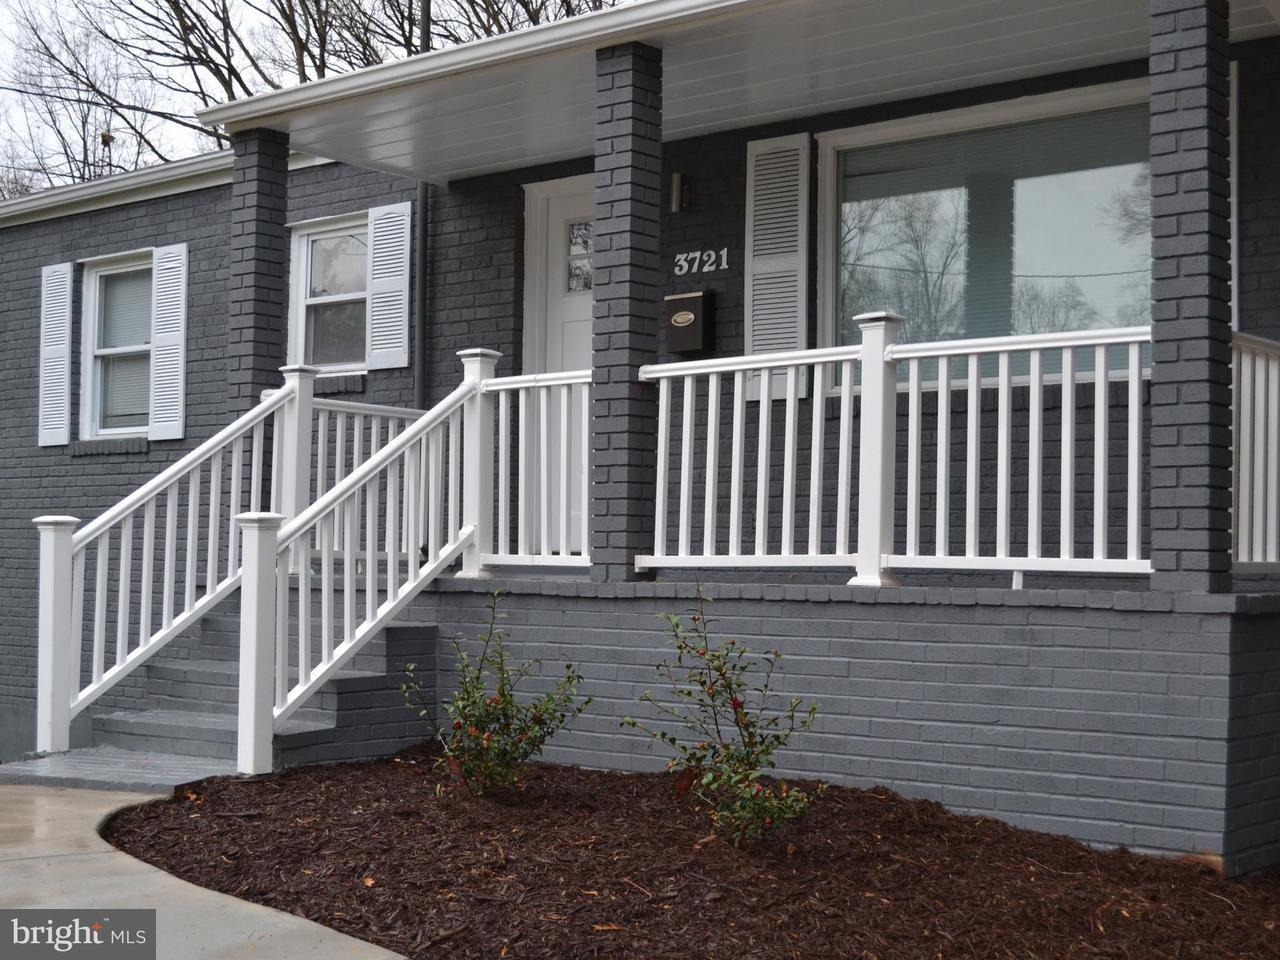 단독 가정 주택 용 매매 에 3721 Richard Avenue 3721 Richard Avenue Fairfax, 버지니아 22031 미국